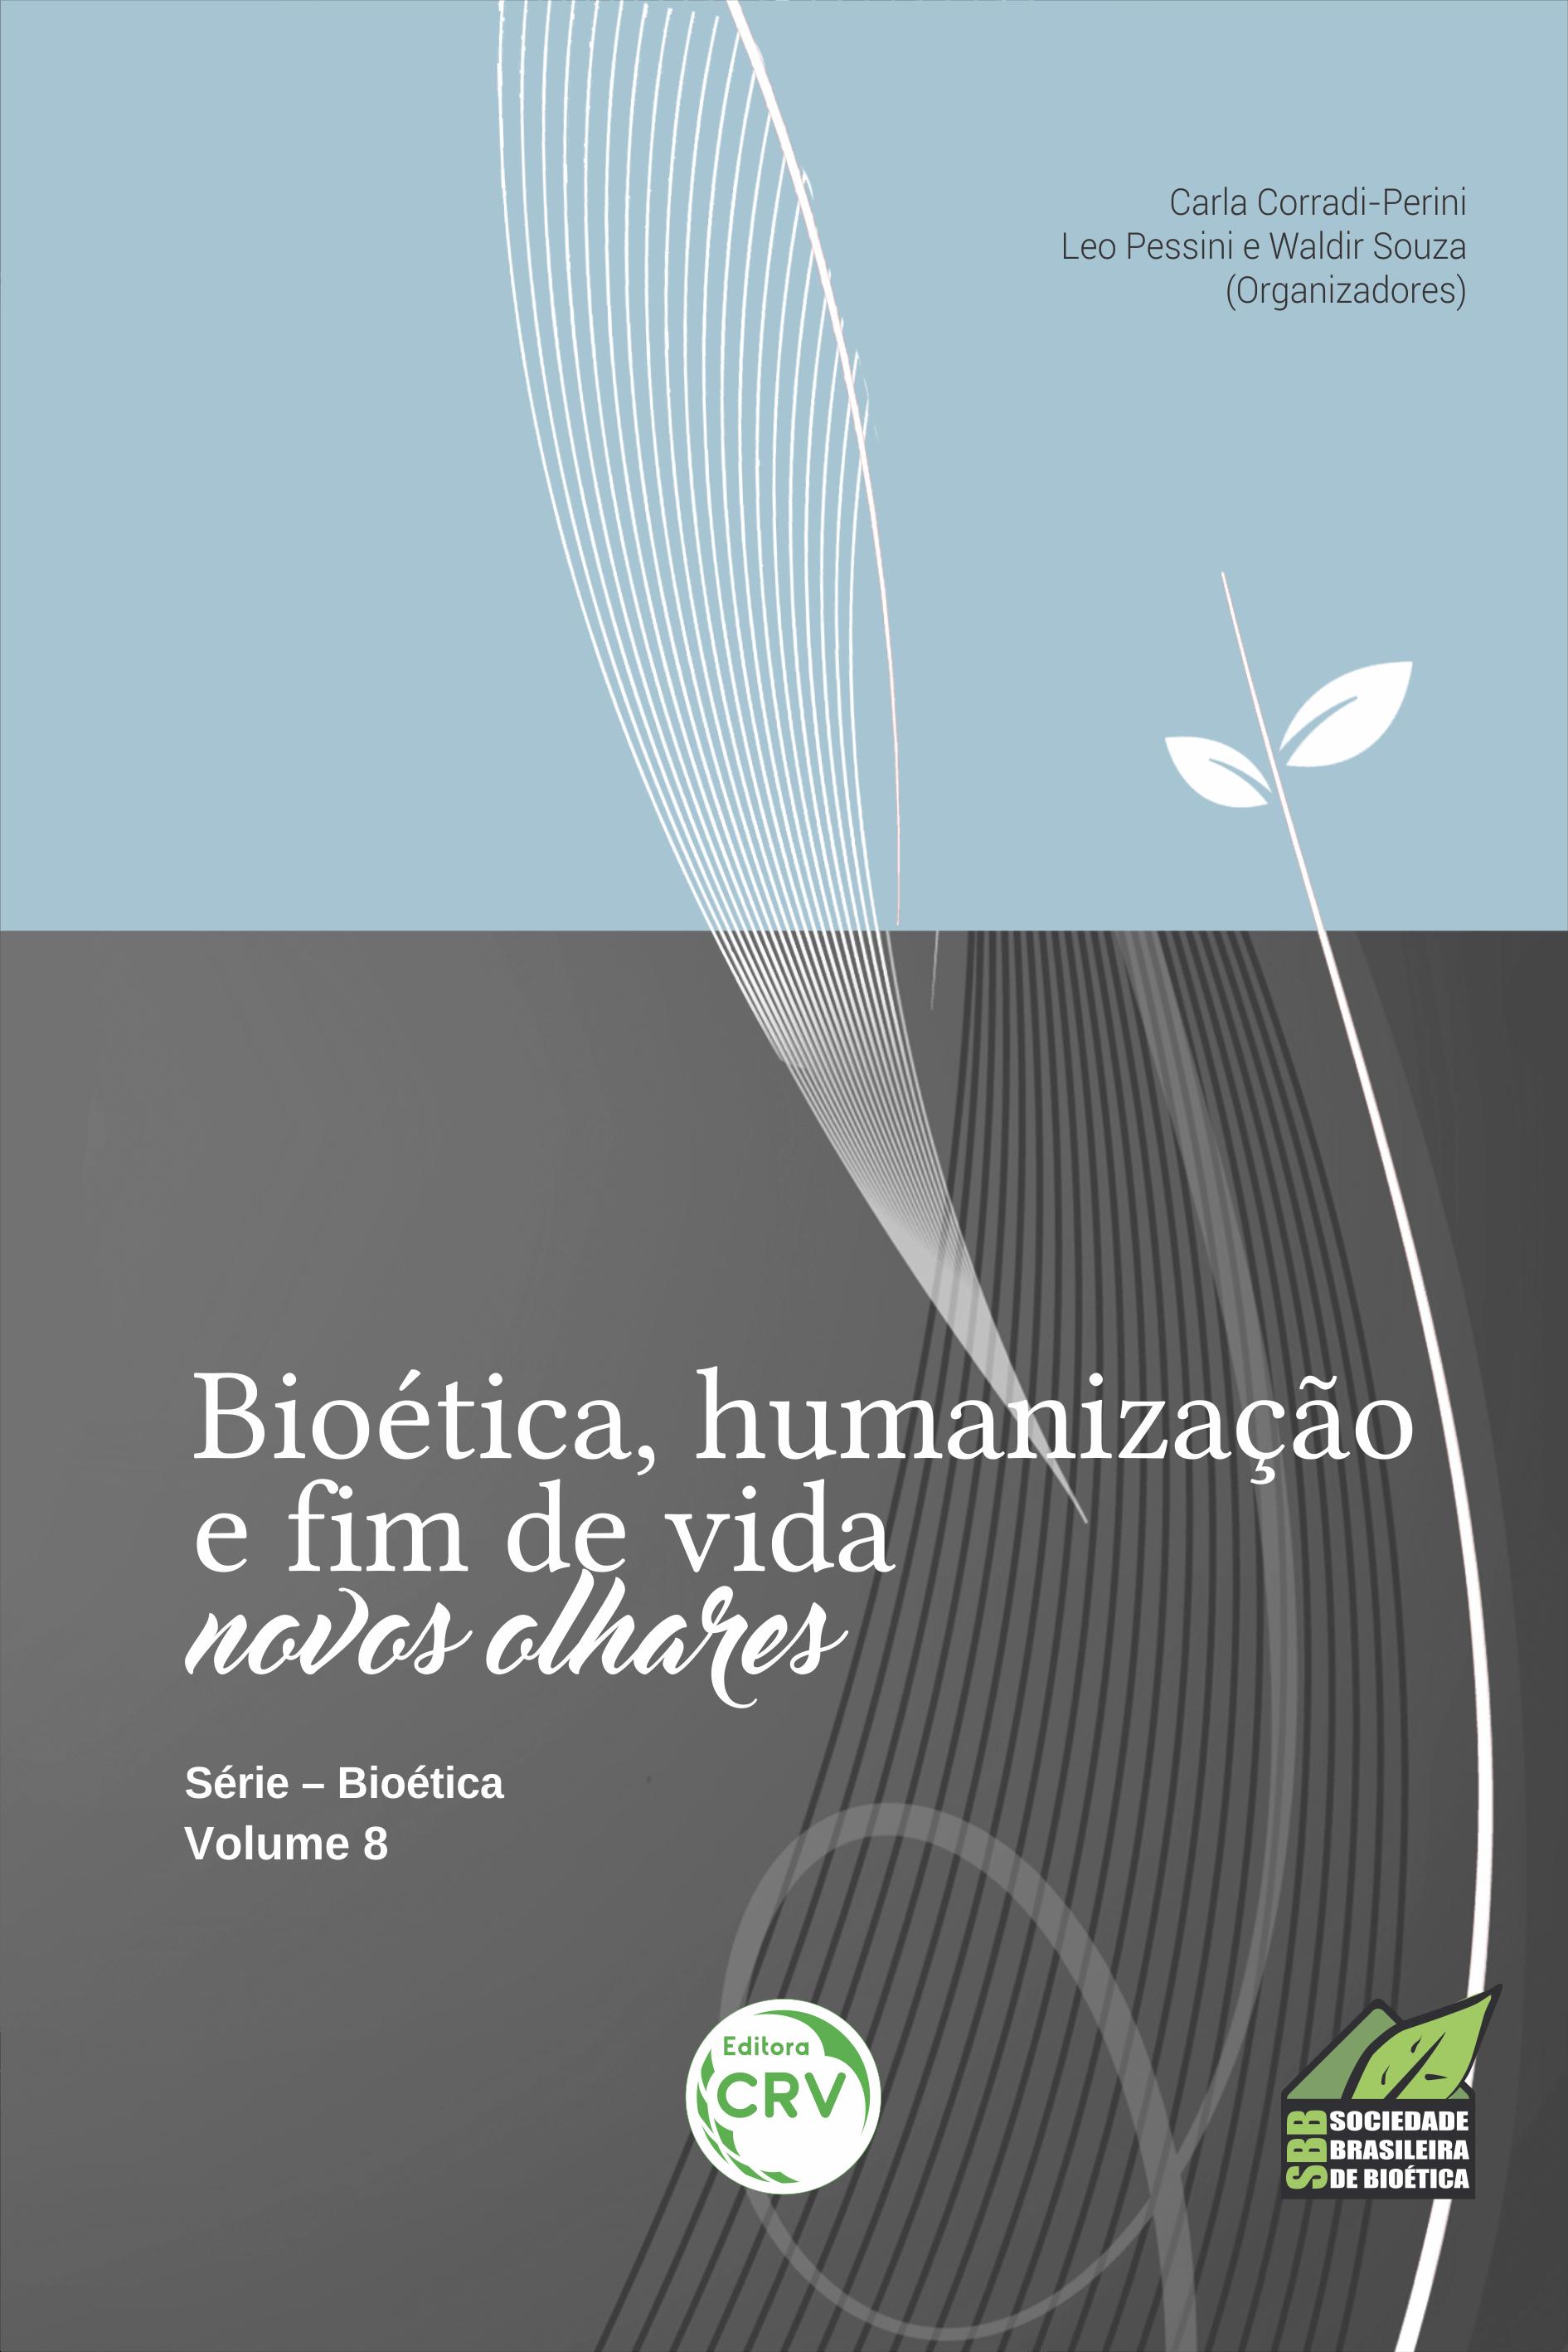 Capa do livro: BIOÉTICA, HUMANIZAÇÃO E FIM DE VIDA:<br> novos olhares - Série Bioética Volume 8